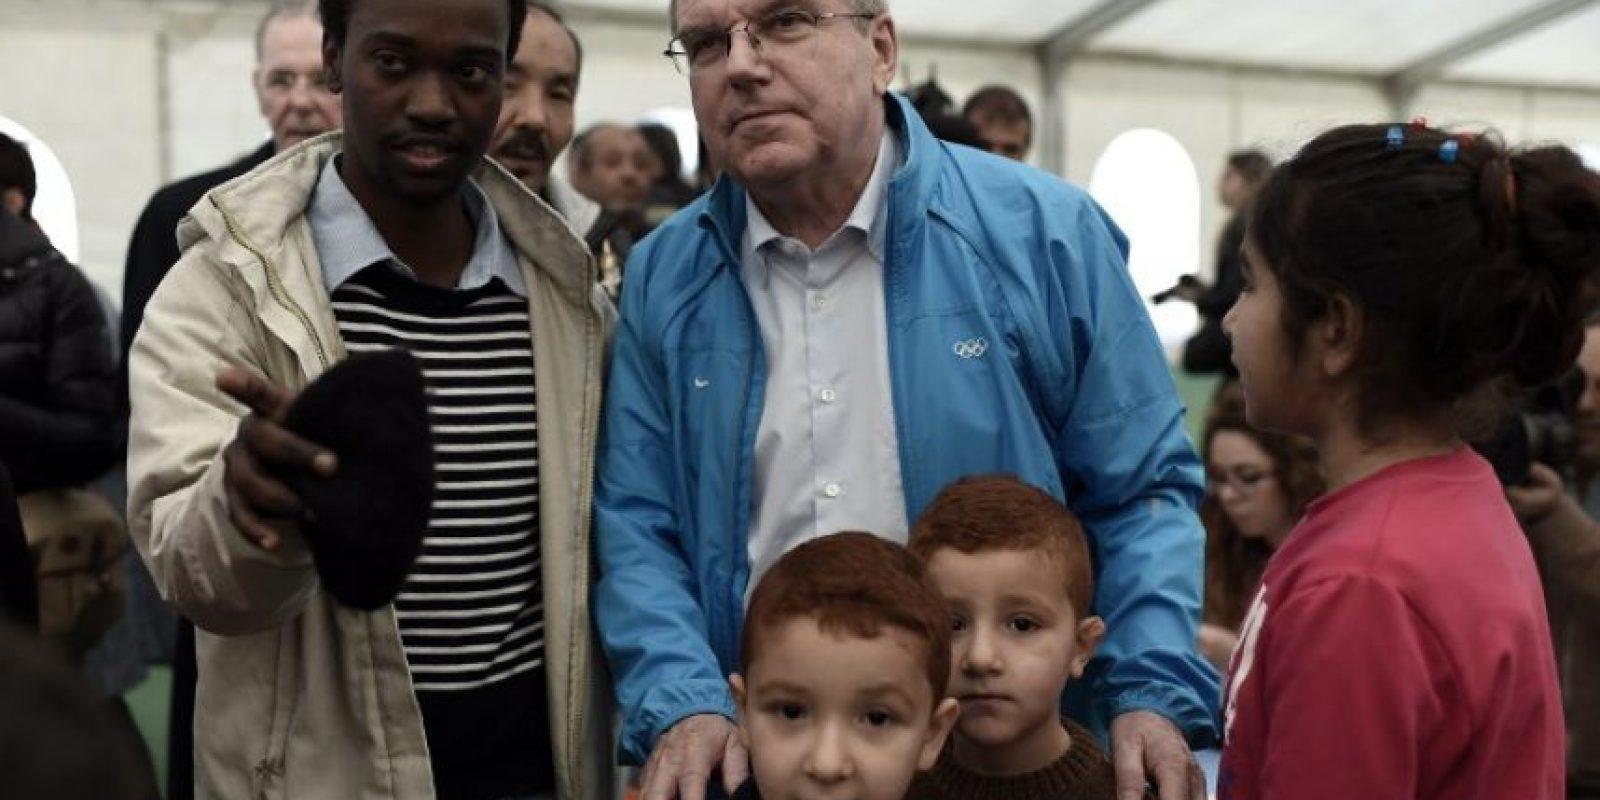 Thomas Bach, presidente del Comité Olímpico Internacional (COI), en un centro de inmigrantes en Grecia. Foto:AFP